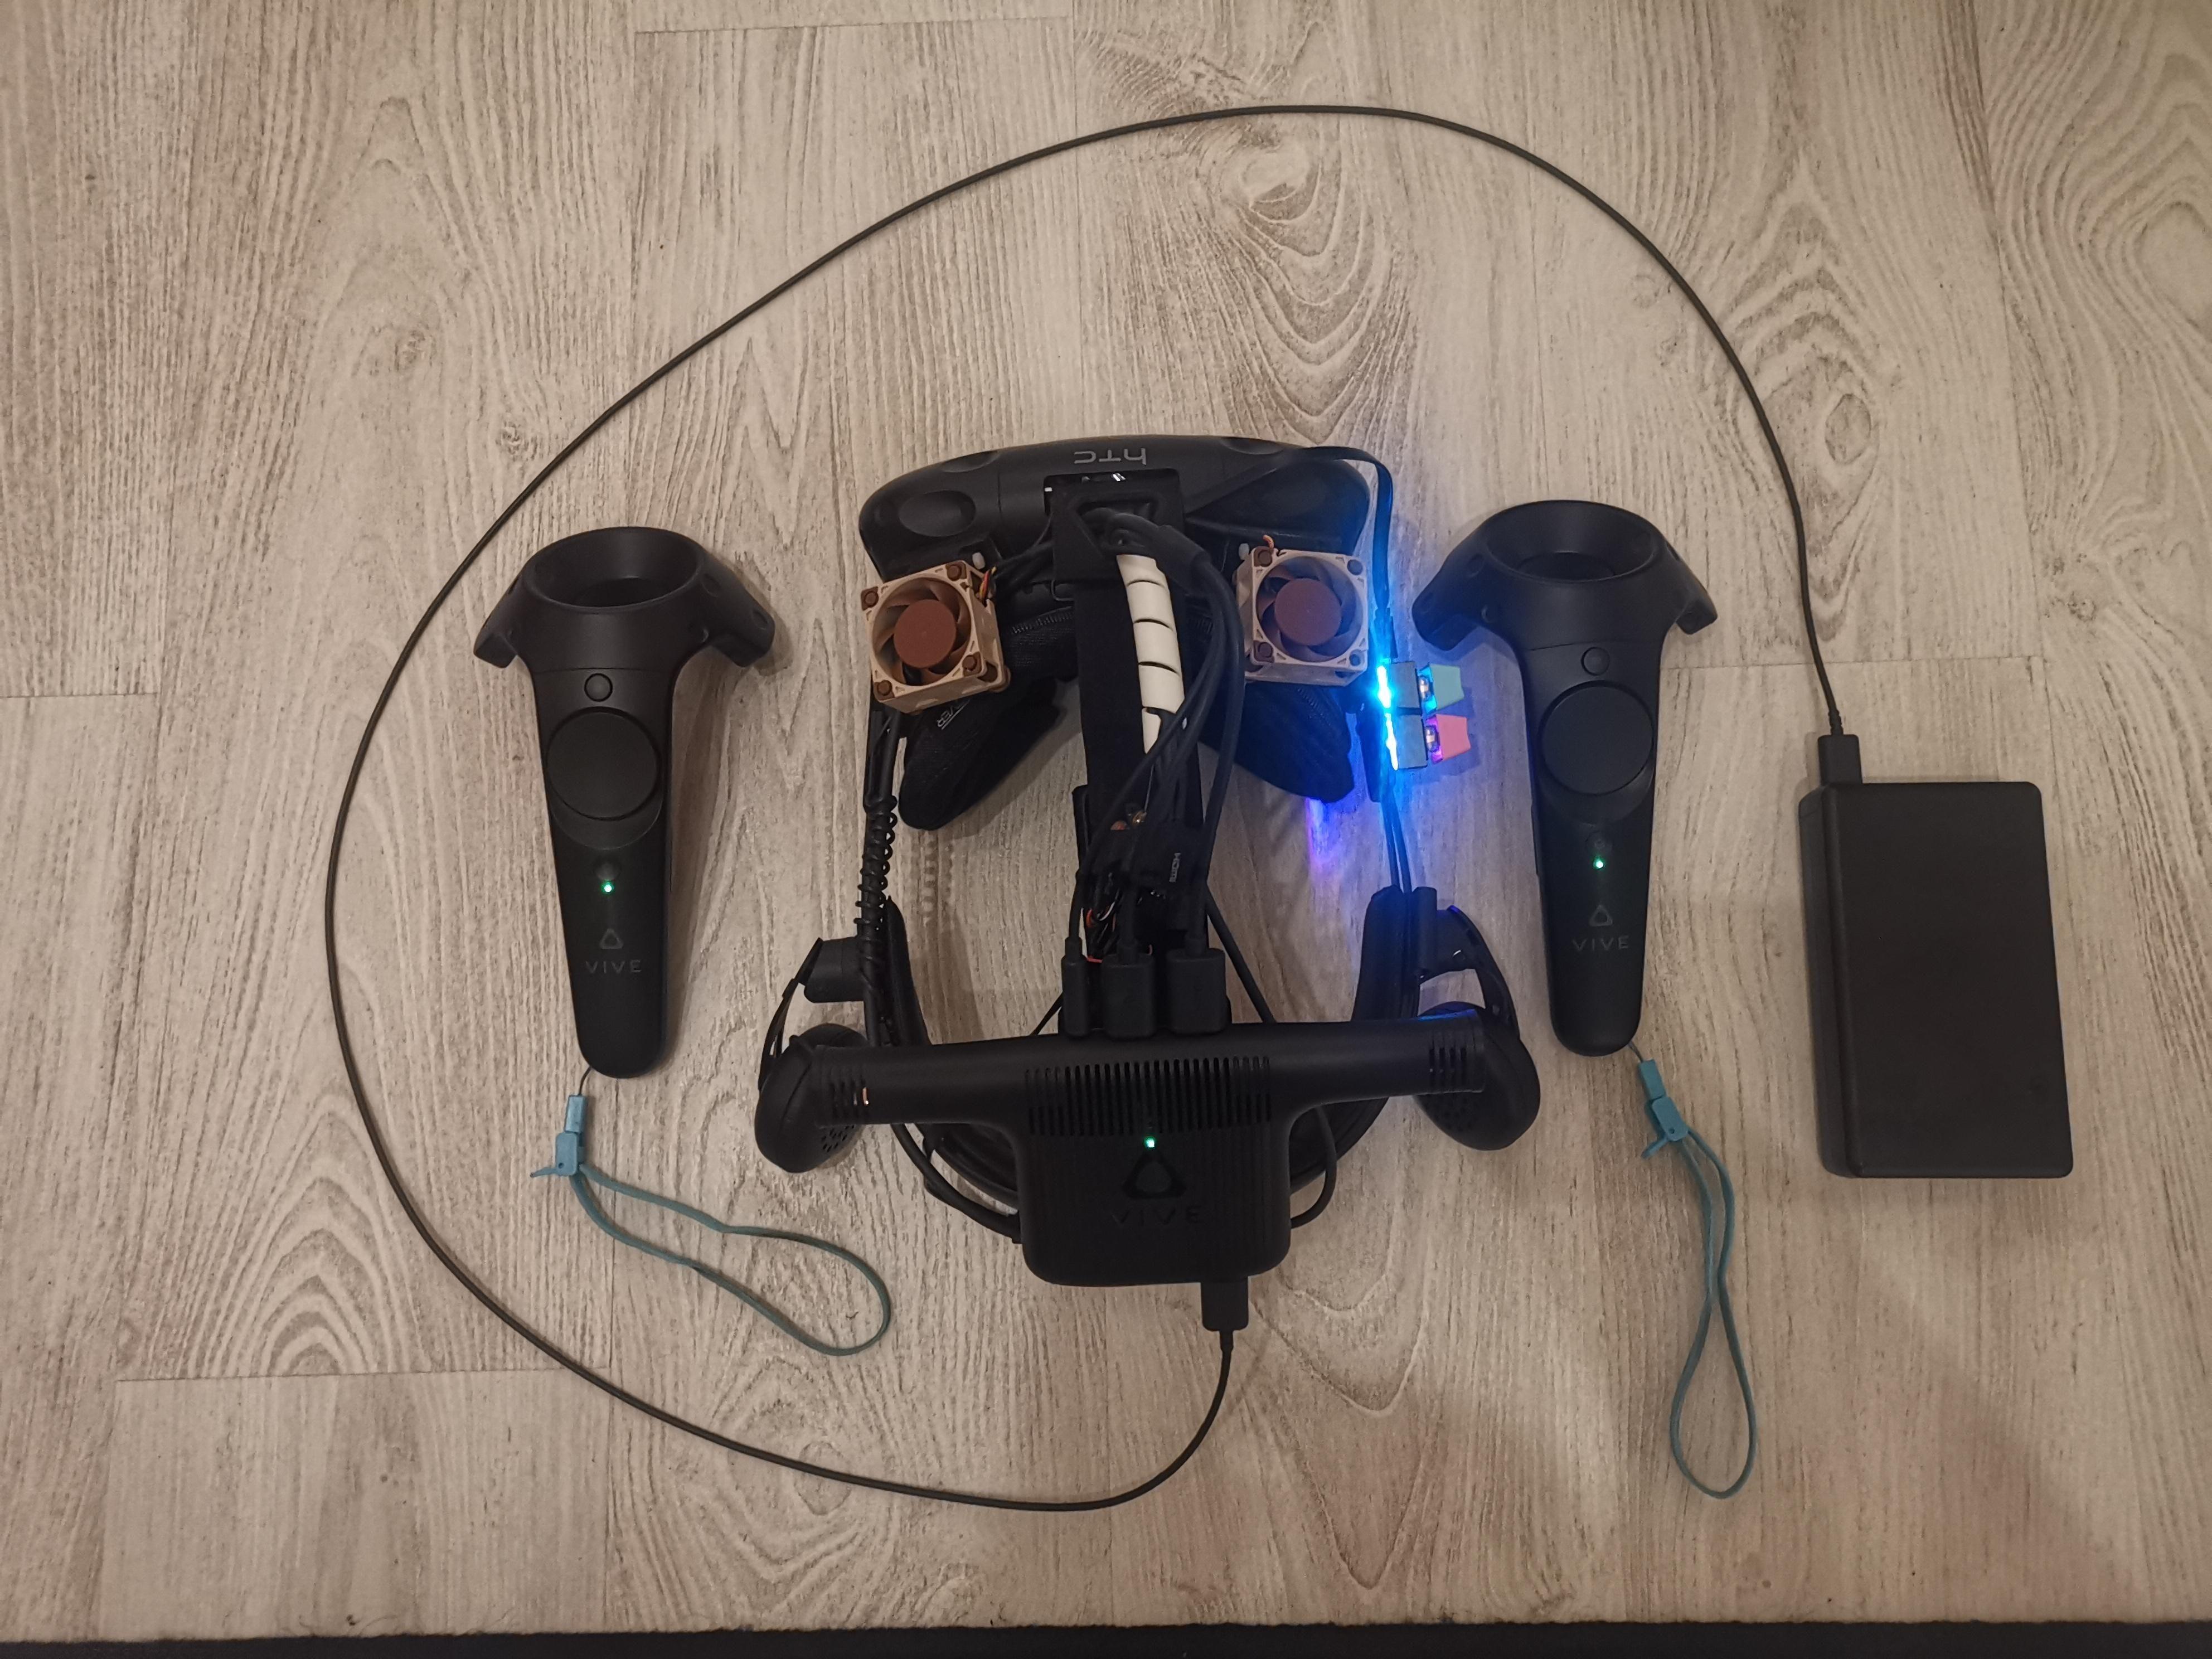 Oculus Quest Oculus Quest Multiplayer Shooter Setup